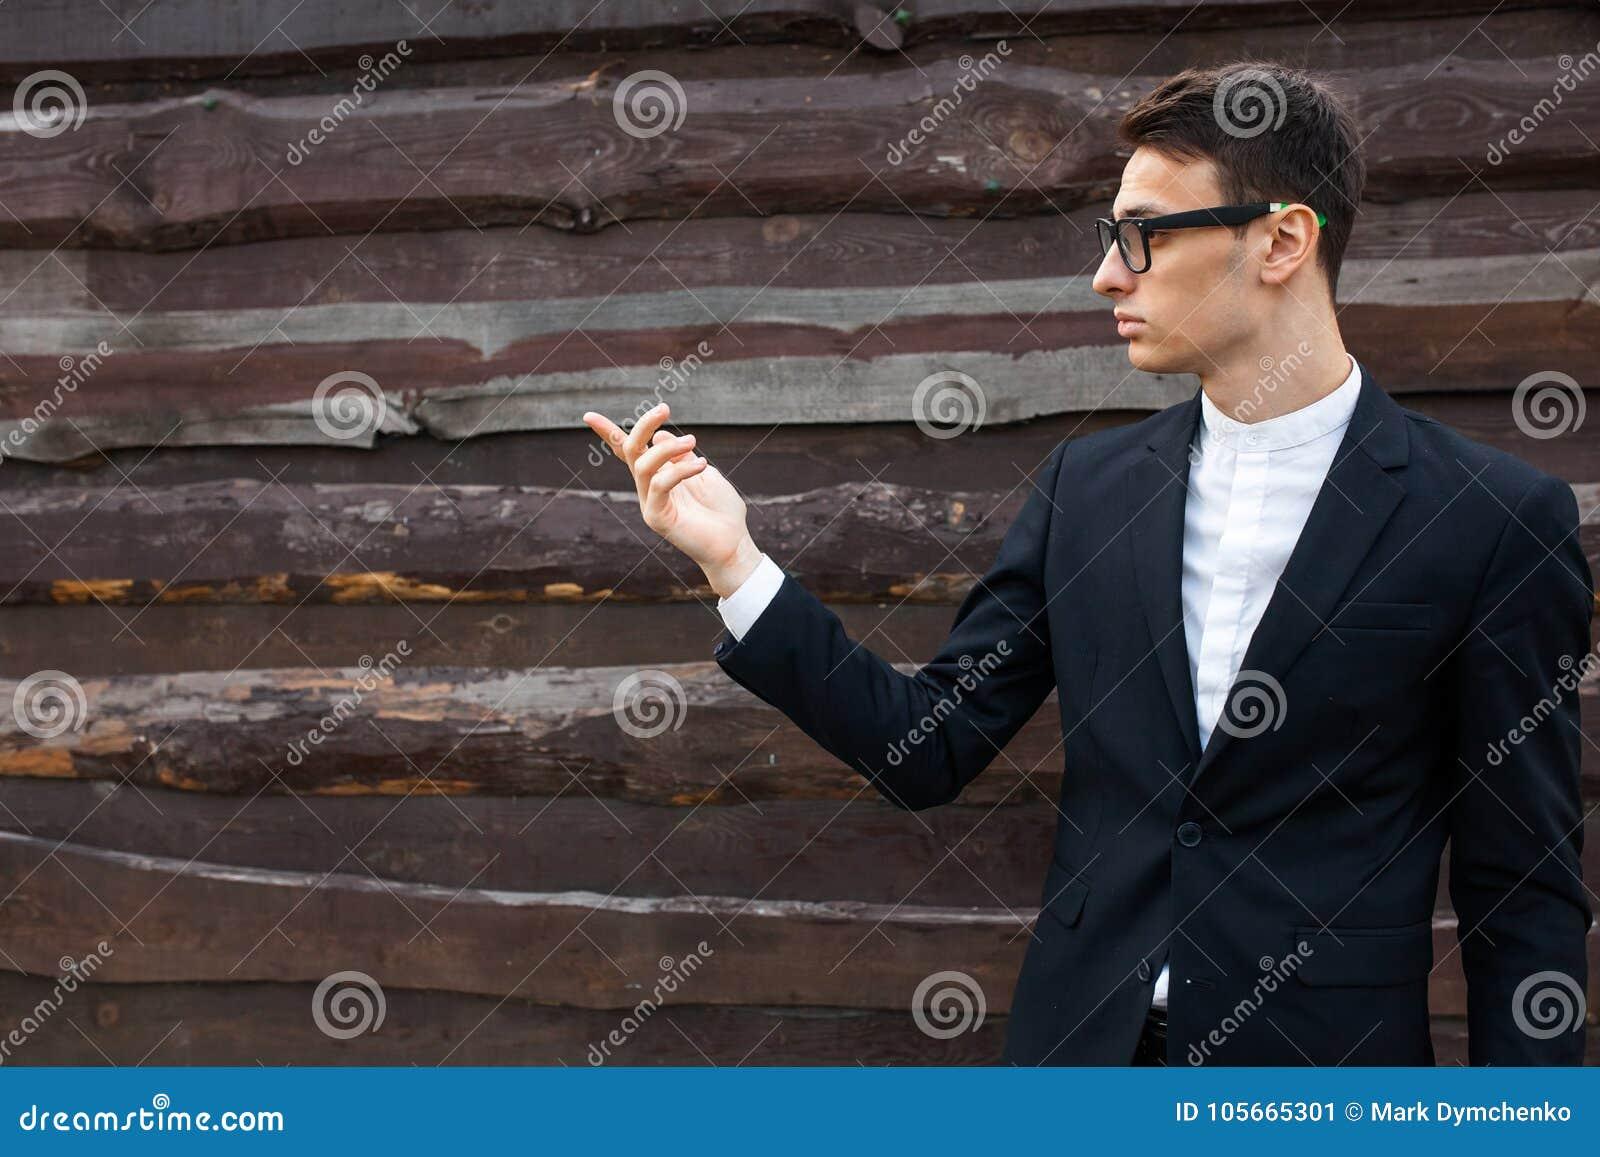 Grabben mannen, mannen, föreslår som utsträckt gömma i handflatan Visar att händer